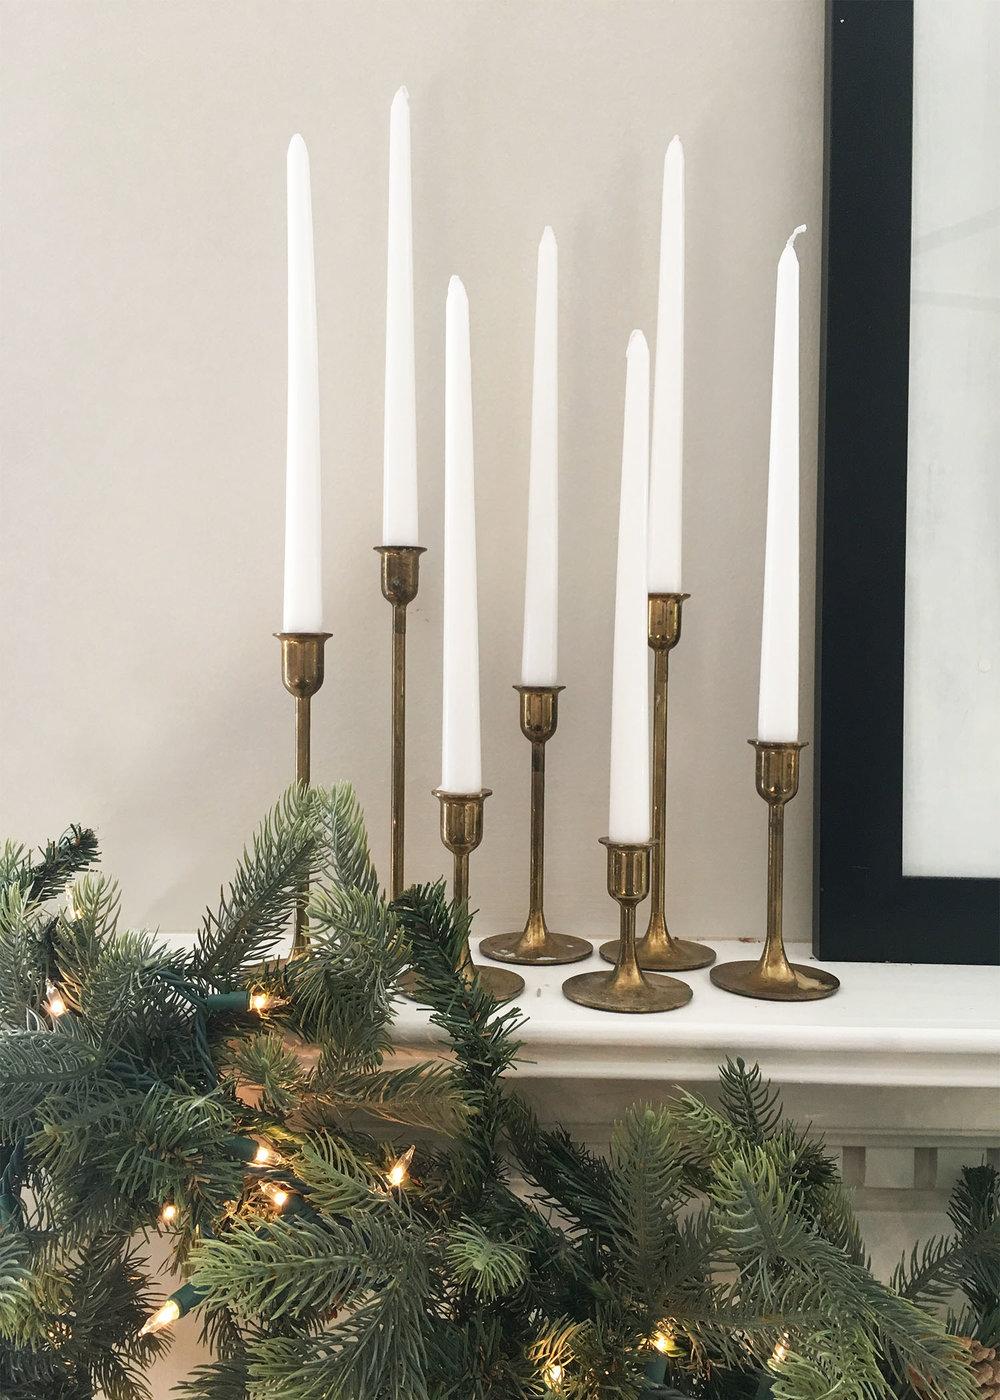 brass candlesticks.jpg